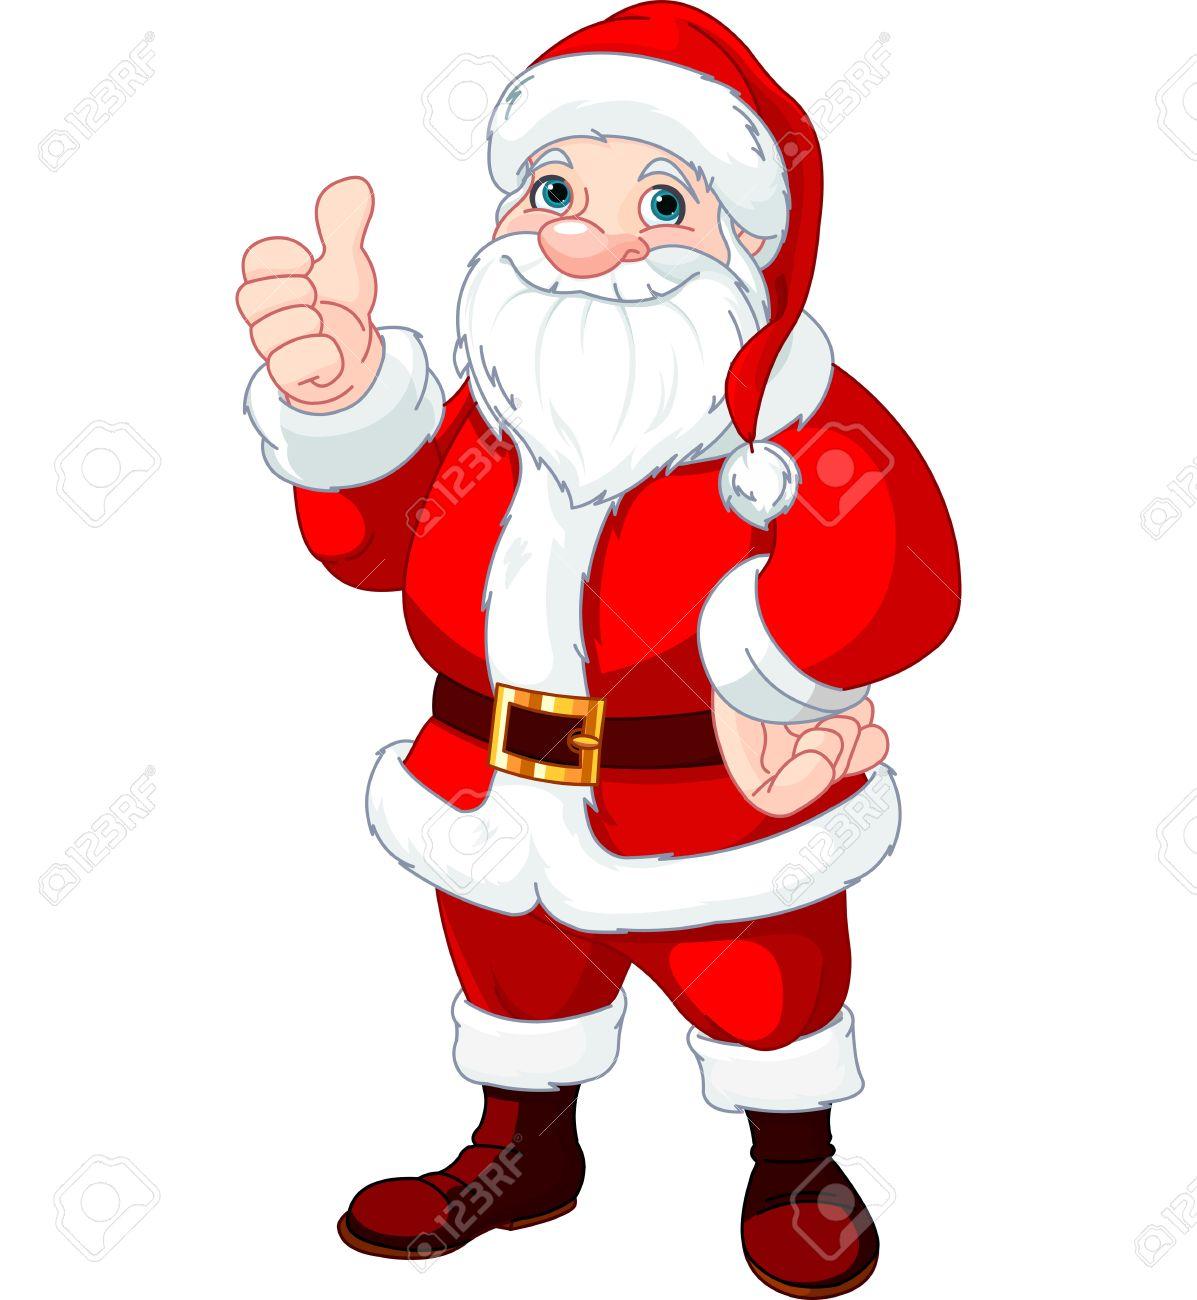 Weihnachten Weihnachtsmann Tun Ein Daumen Hoch Und Lächeln ...